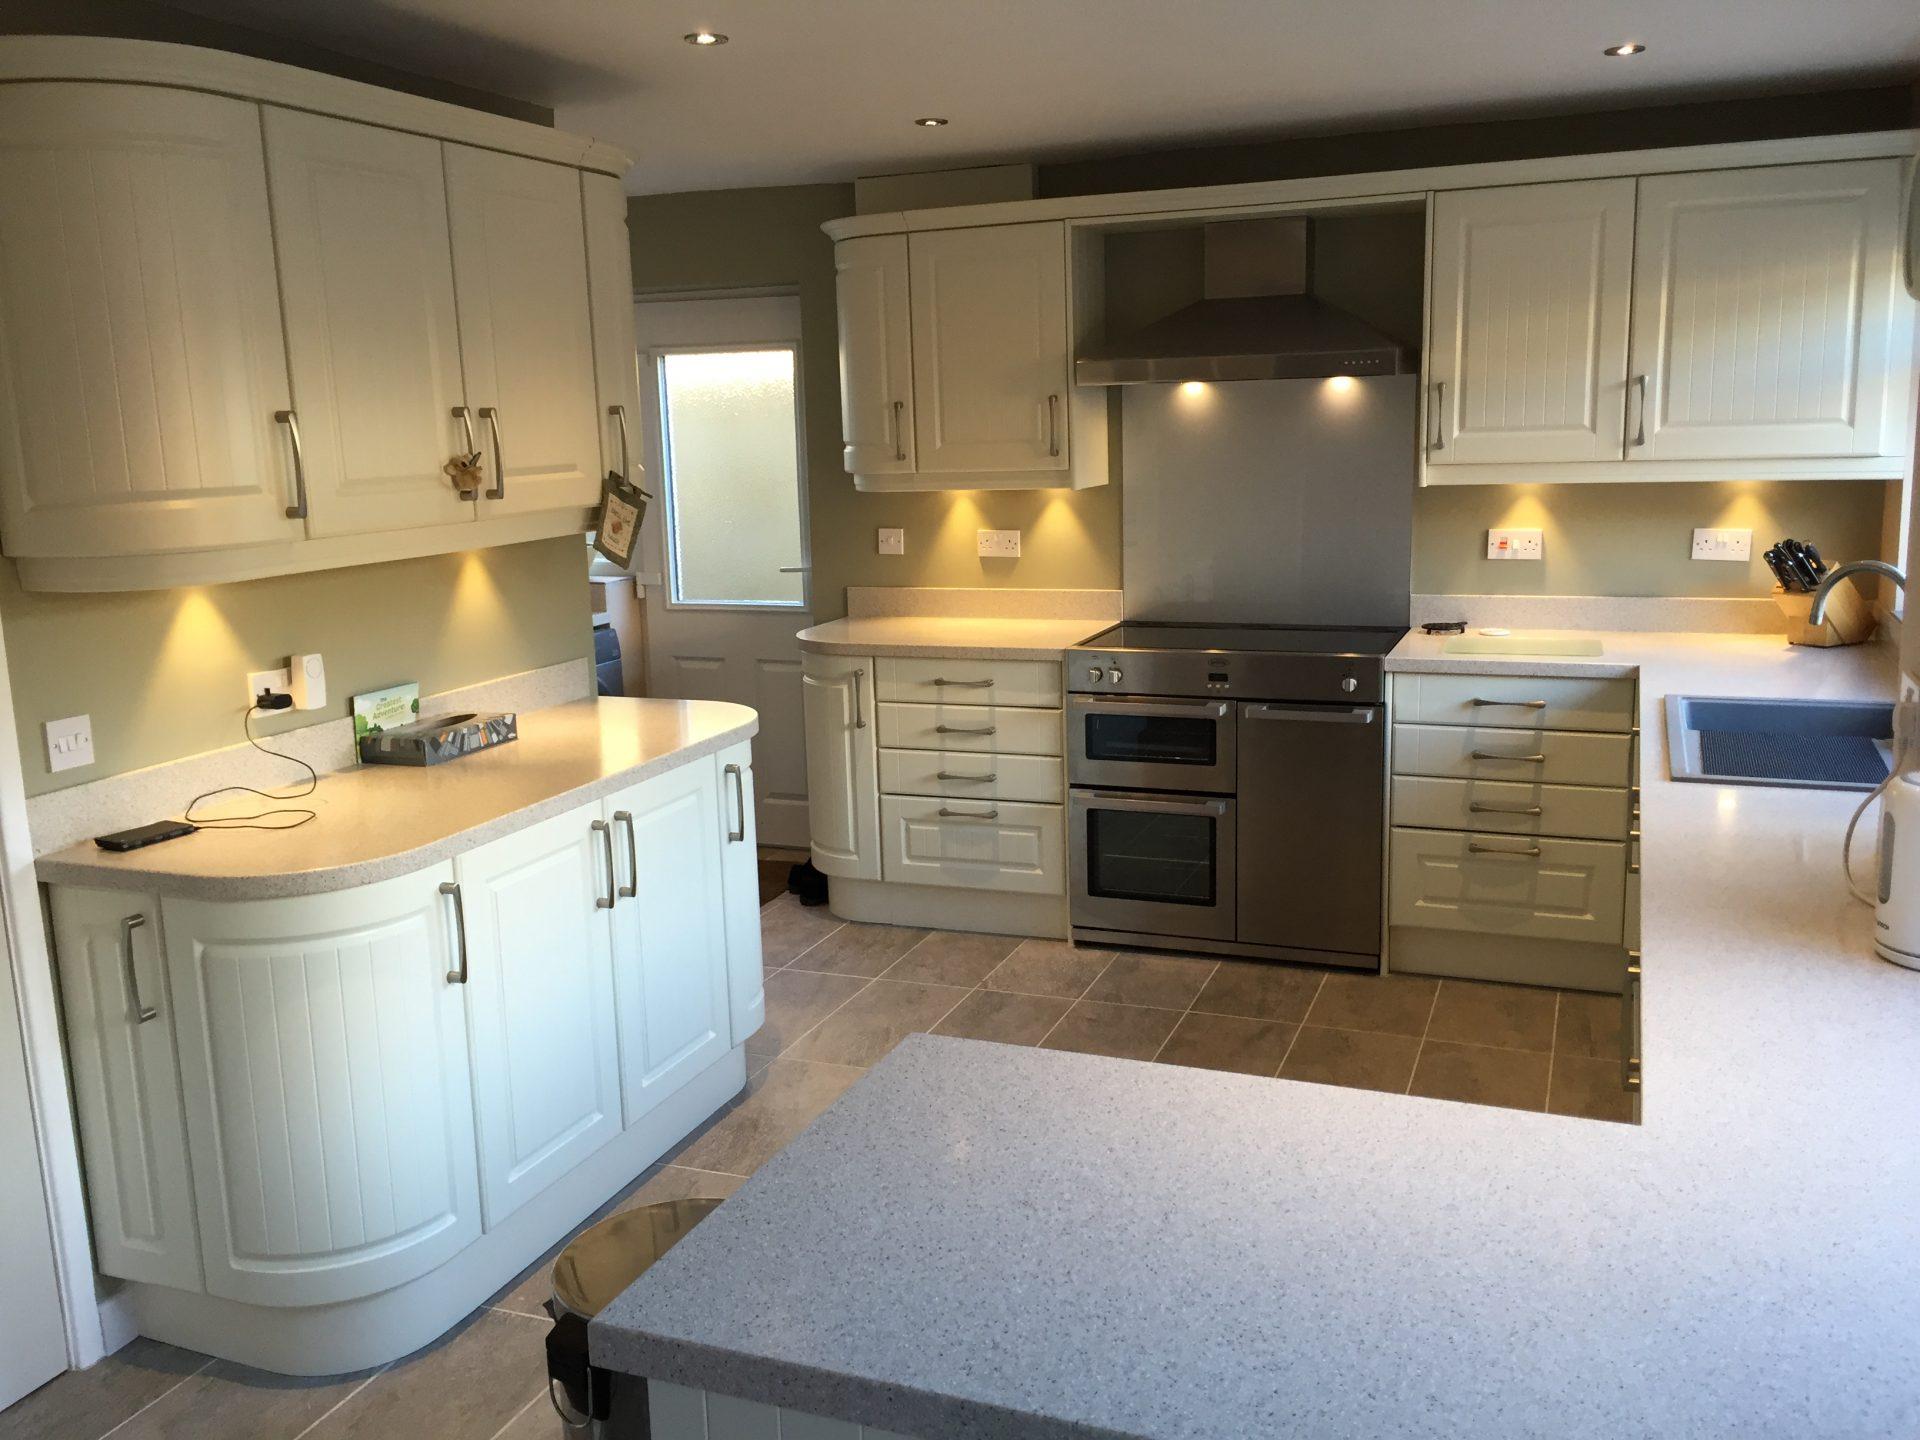 Traditional Matt White Kitchen - Broseley Shropshire